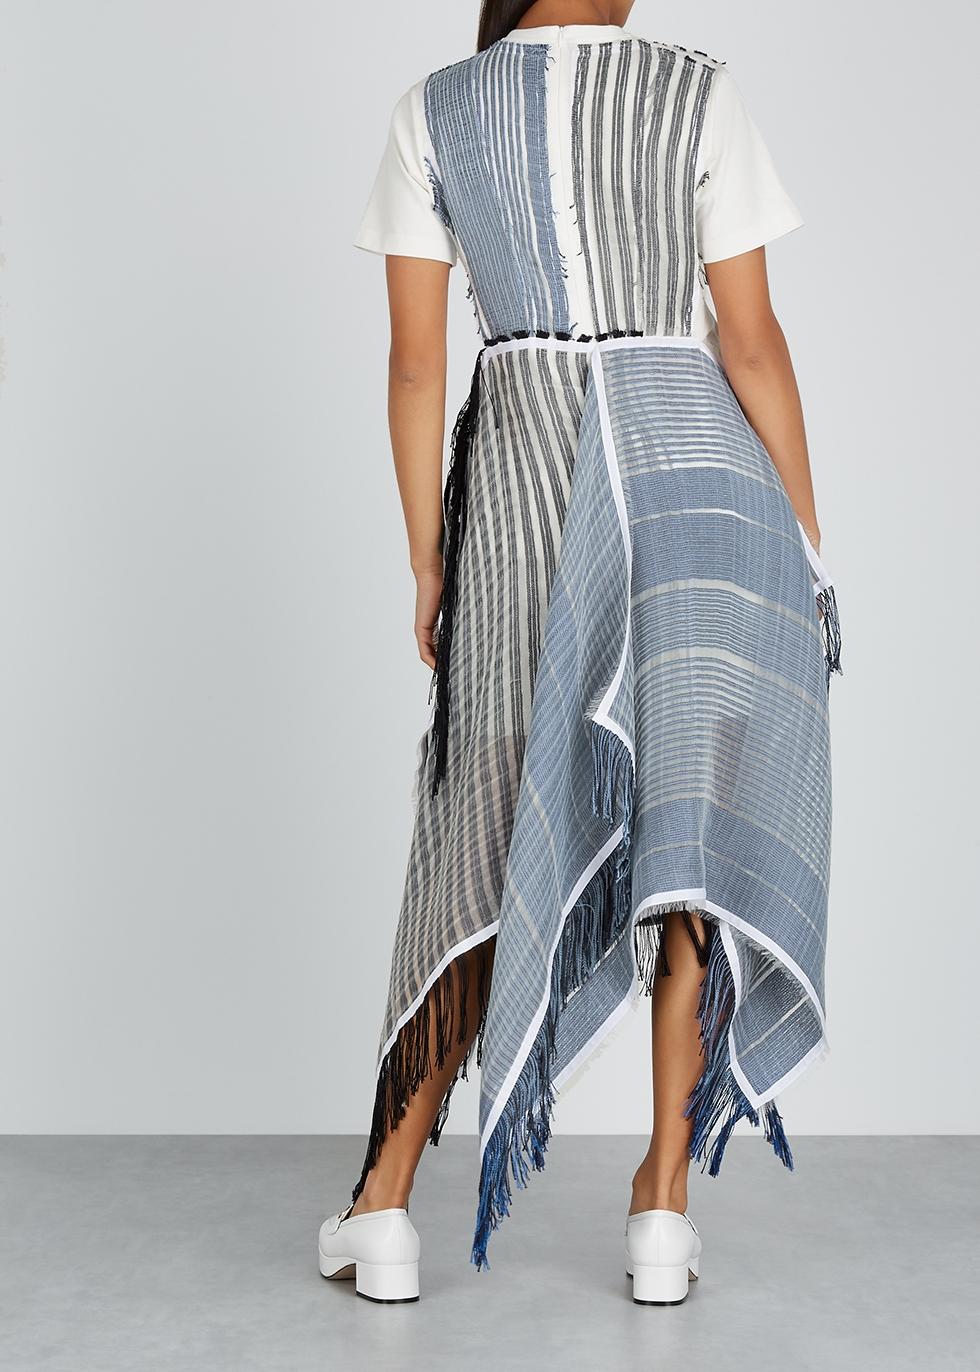 Striped cotton and organza midi dress - JW Anderson